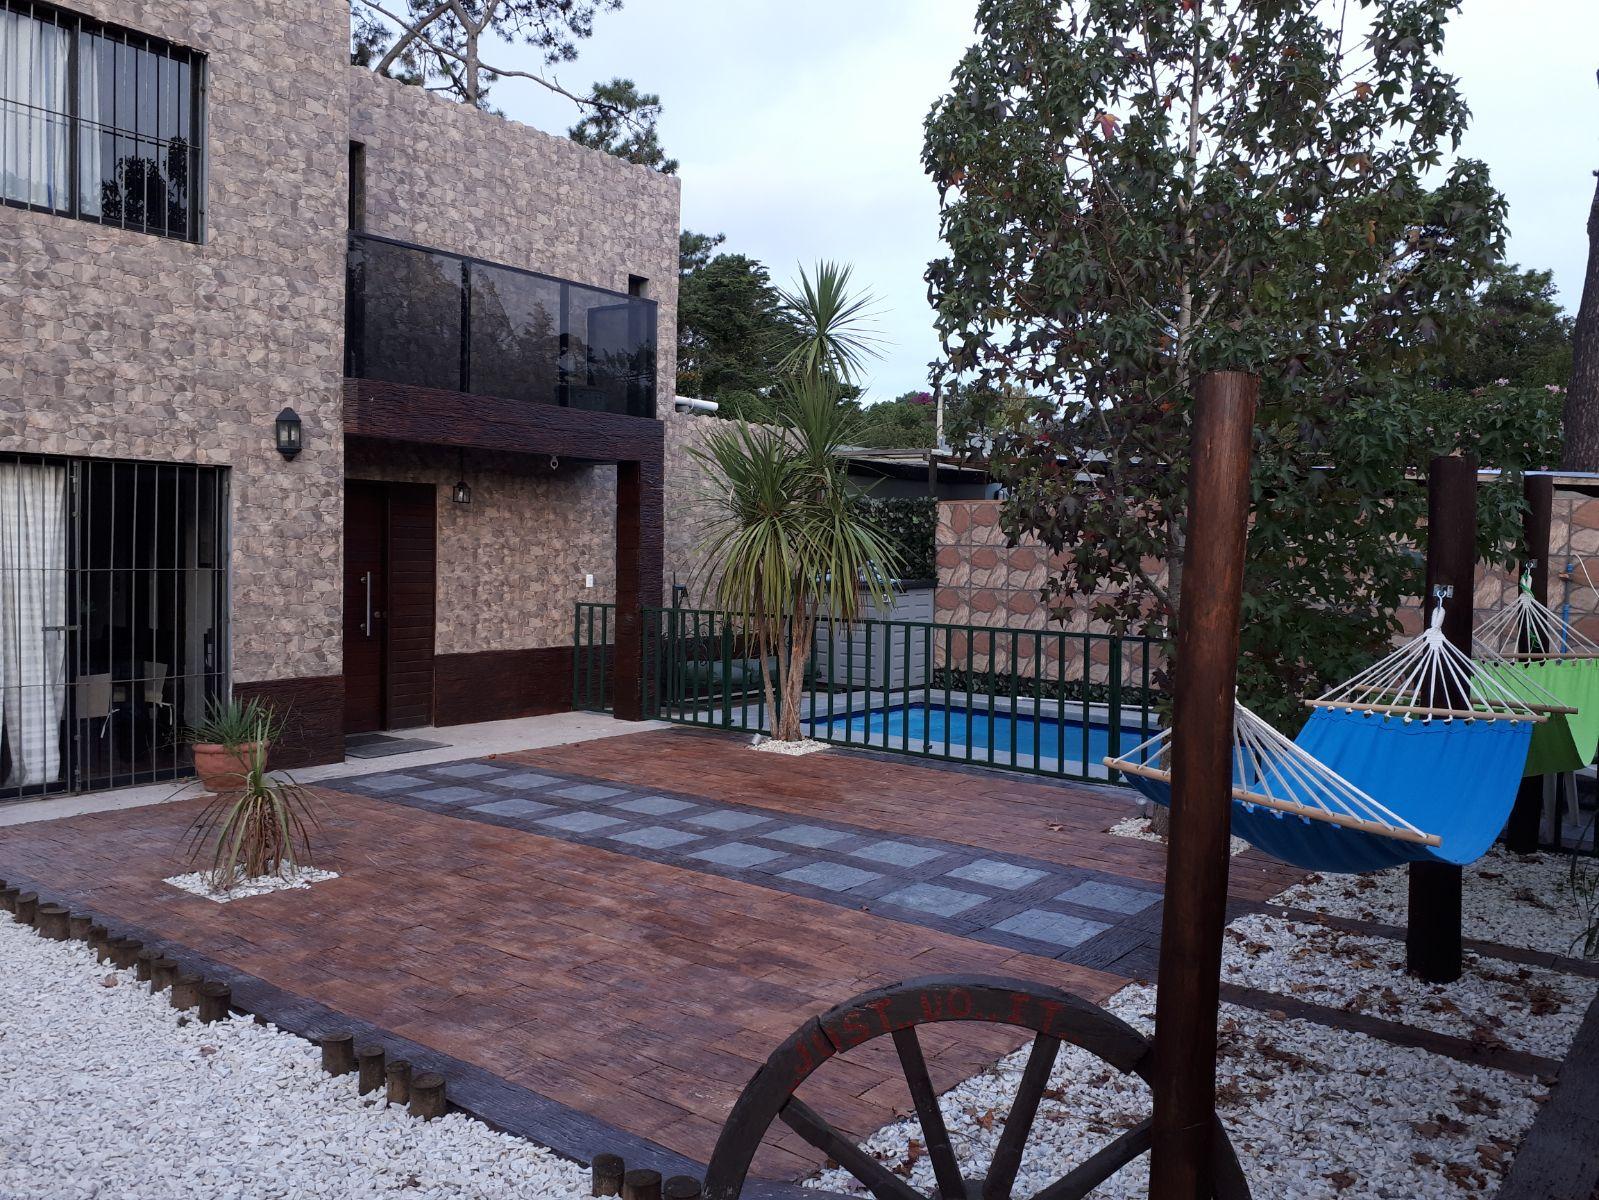 Alquiler casa punta del este con piscina y jacuzzi casa for Alquiler casa con piscina agosto